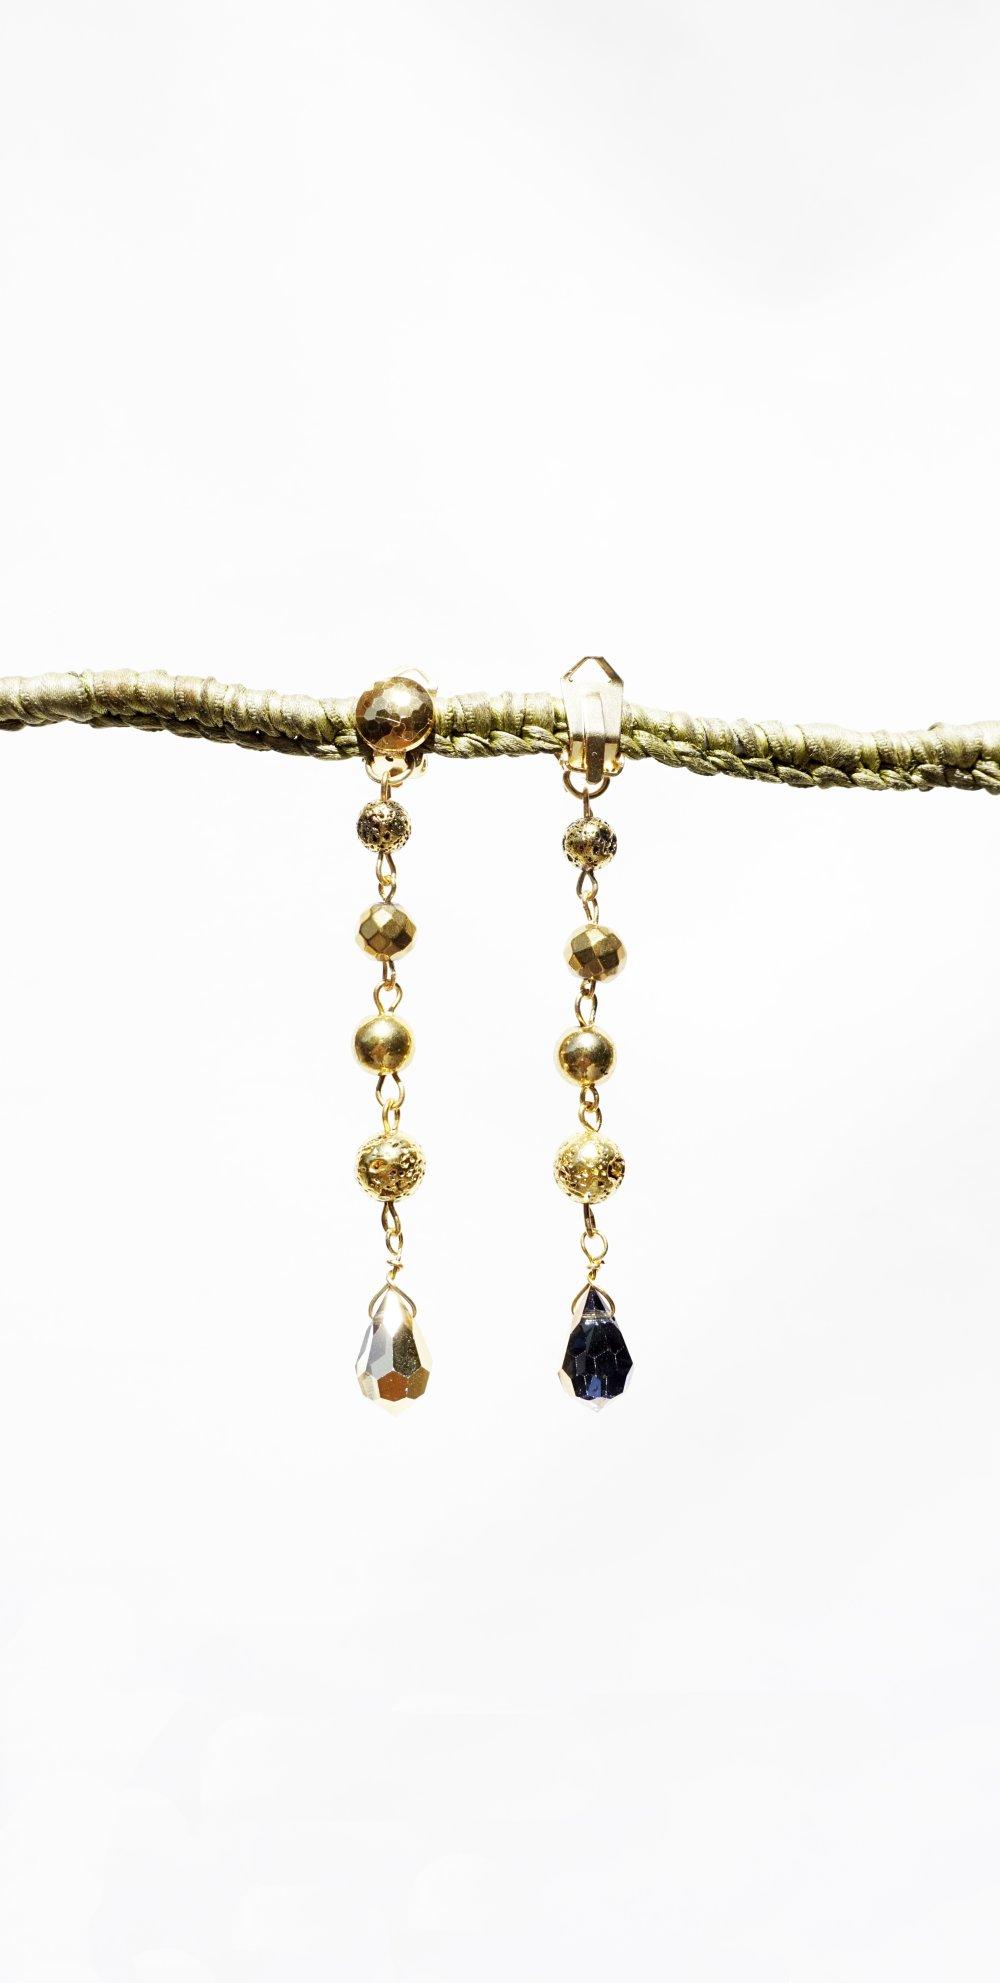 CLIPS Boucles d'oreilles Clips Doré Perles metal doré Bijoux Clips d'oreilles Création Française